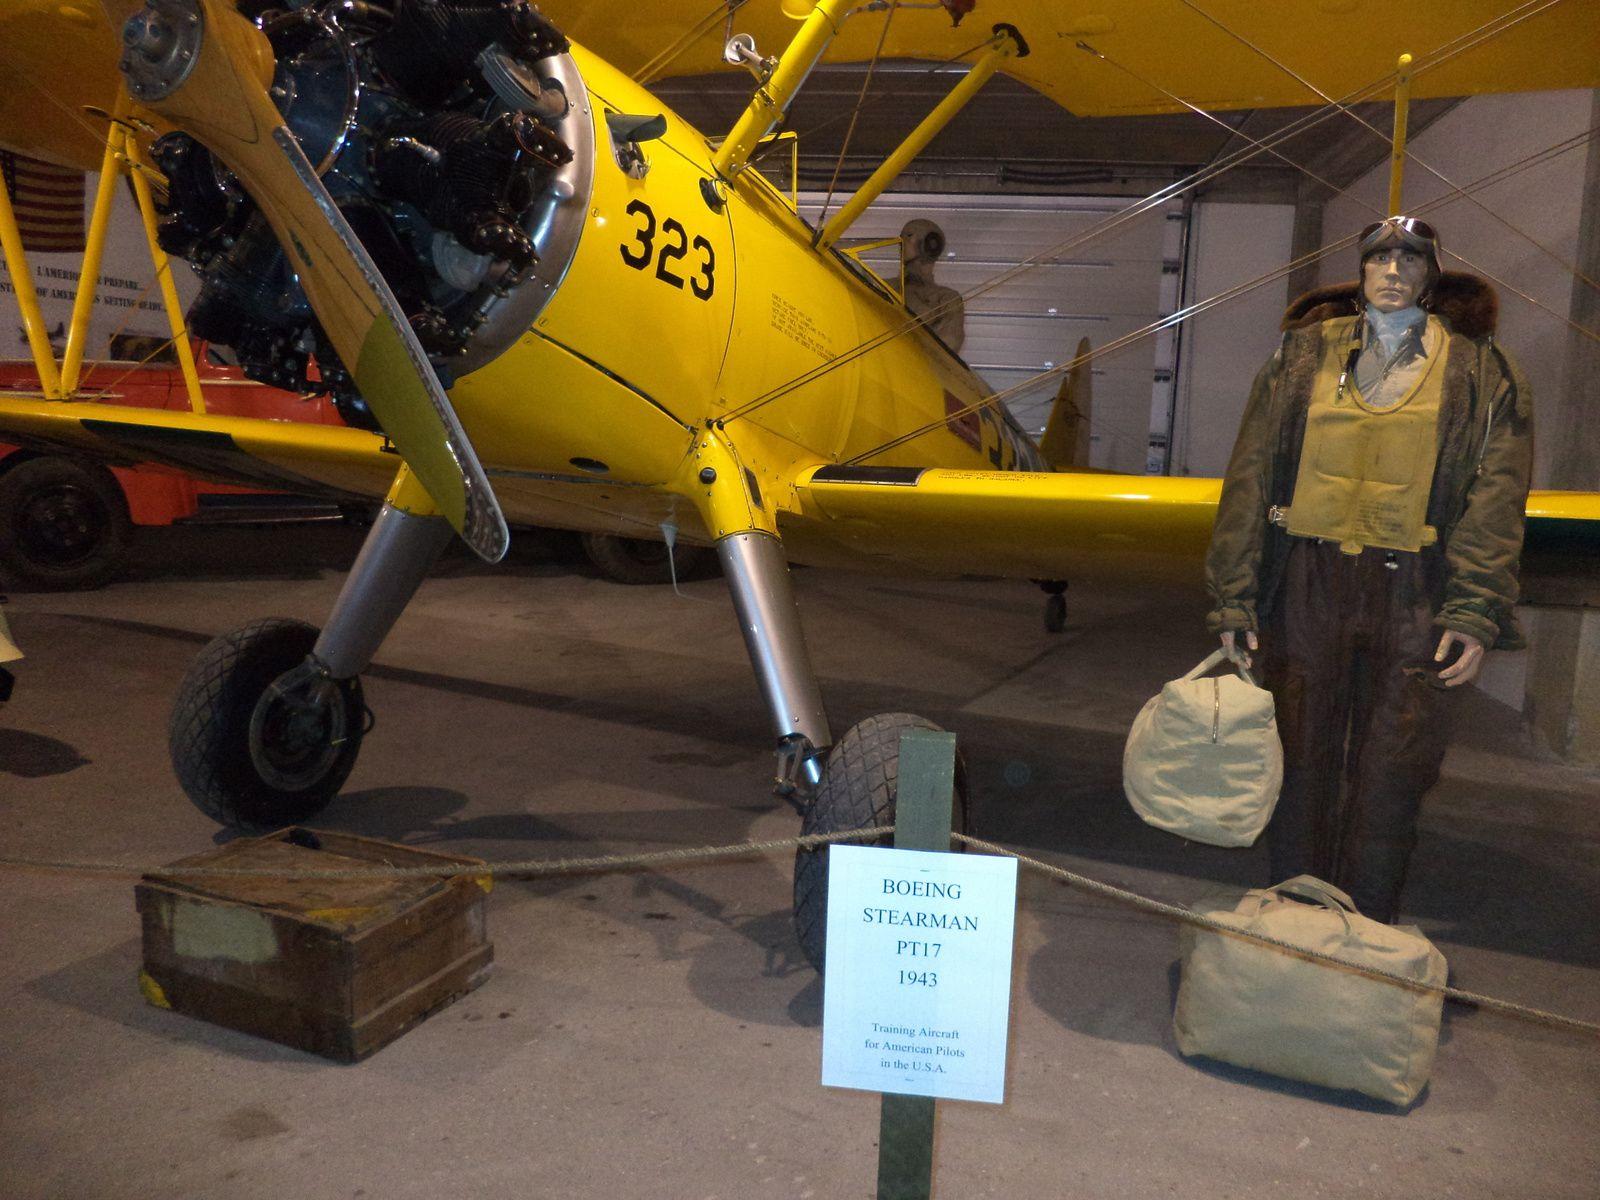 cet avion a été fabriqué par Boeing.